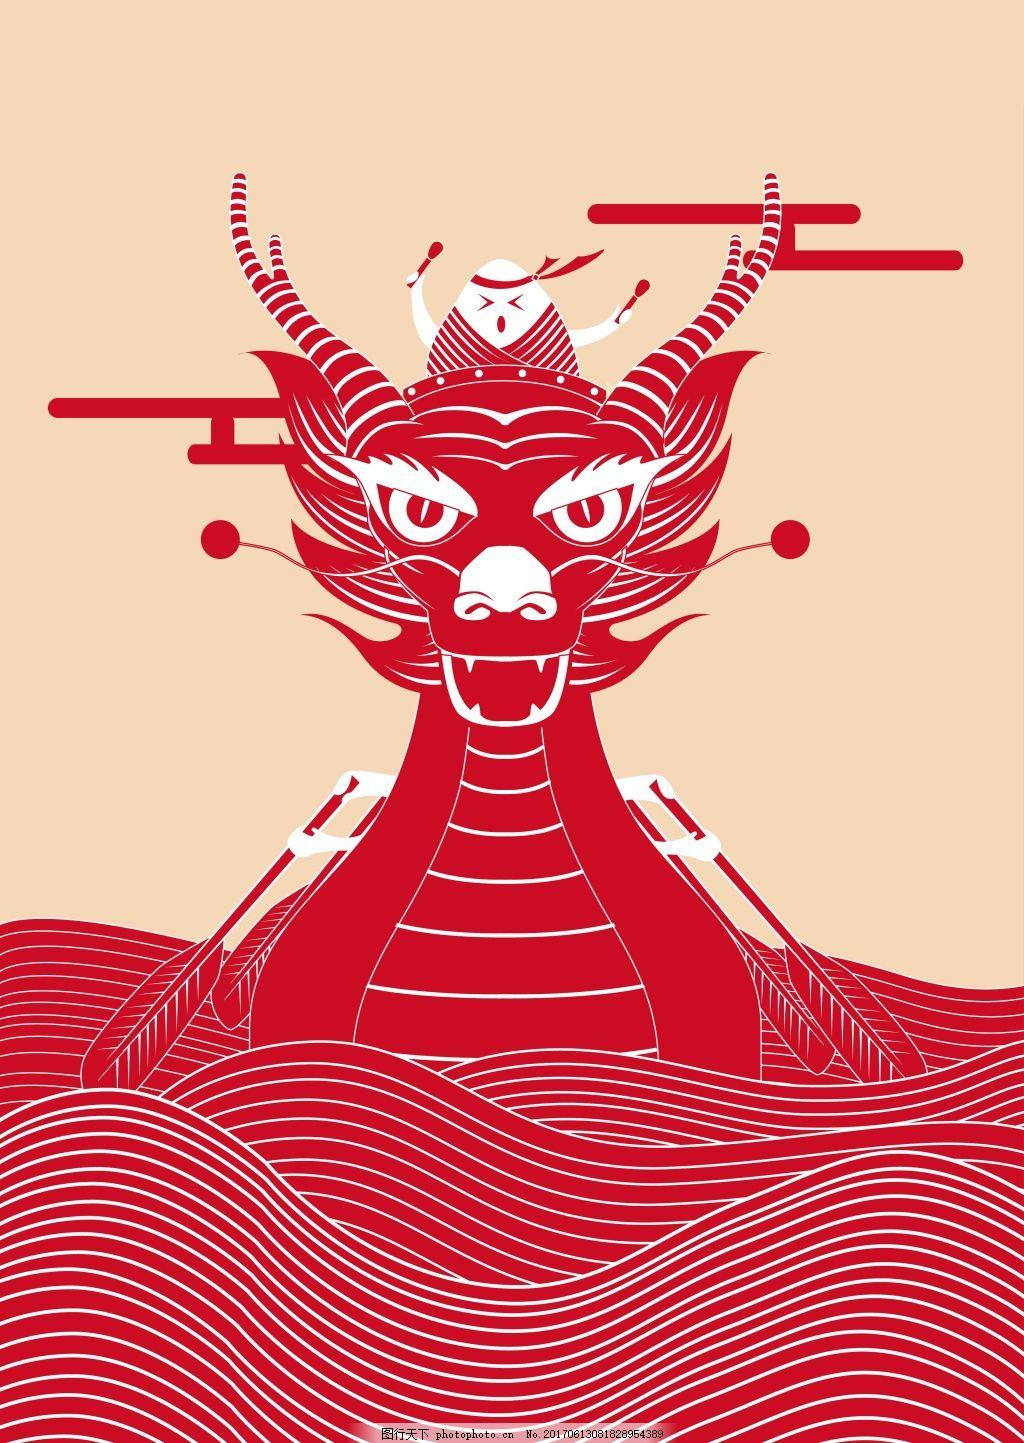 龙舟创意宣传海报矢量设计素材( 红色 中国风 剪纸画 端午节 粽子 赛